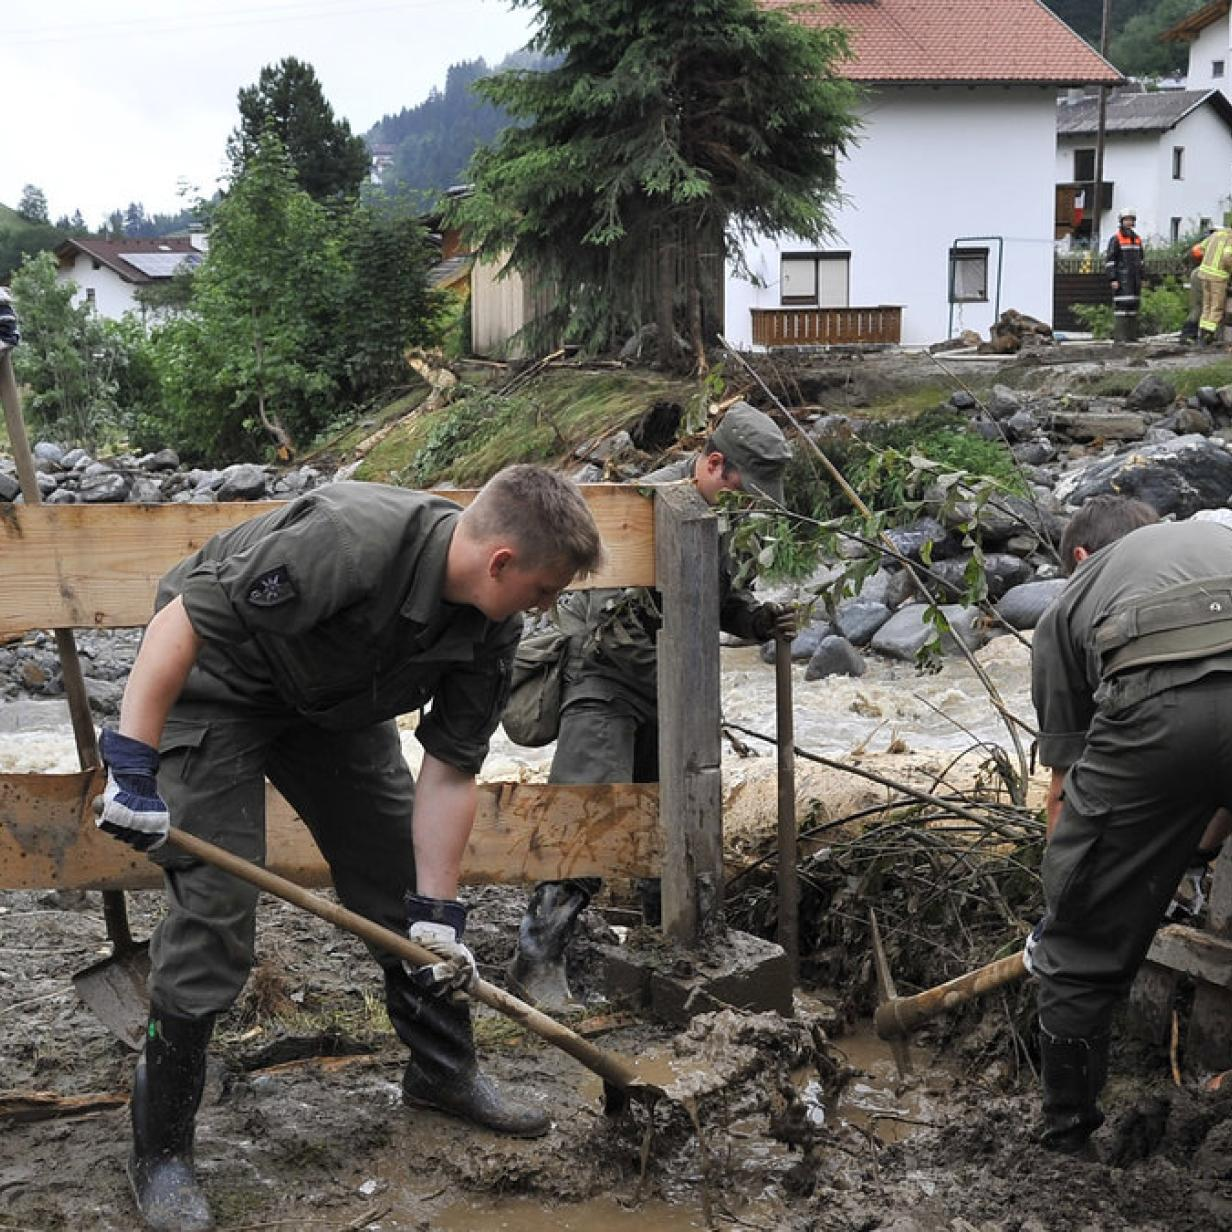 Partnersuche senioren aus haidershofen: Singleboerse in